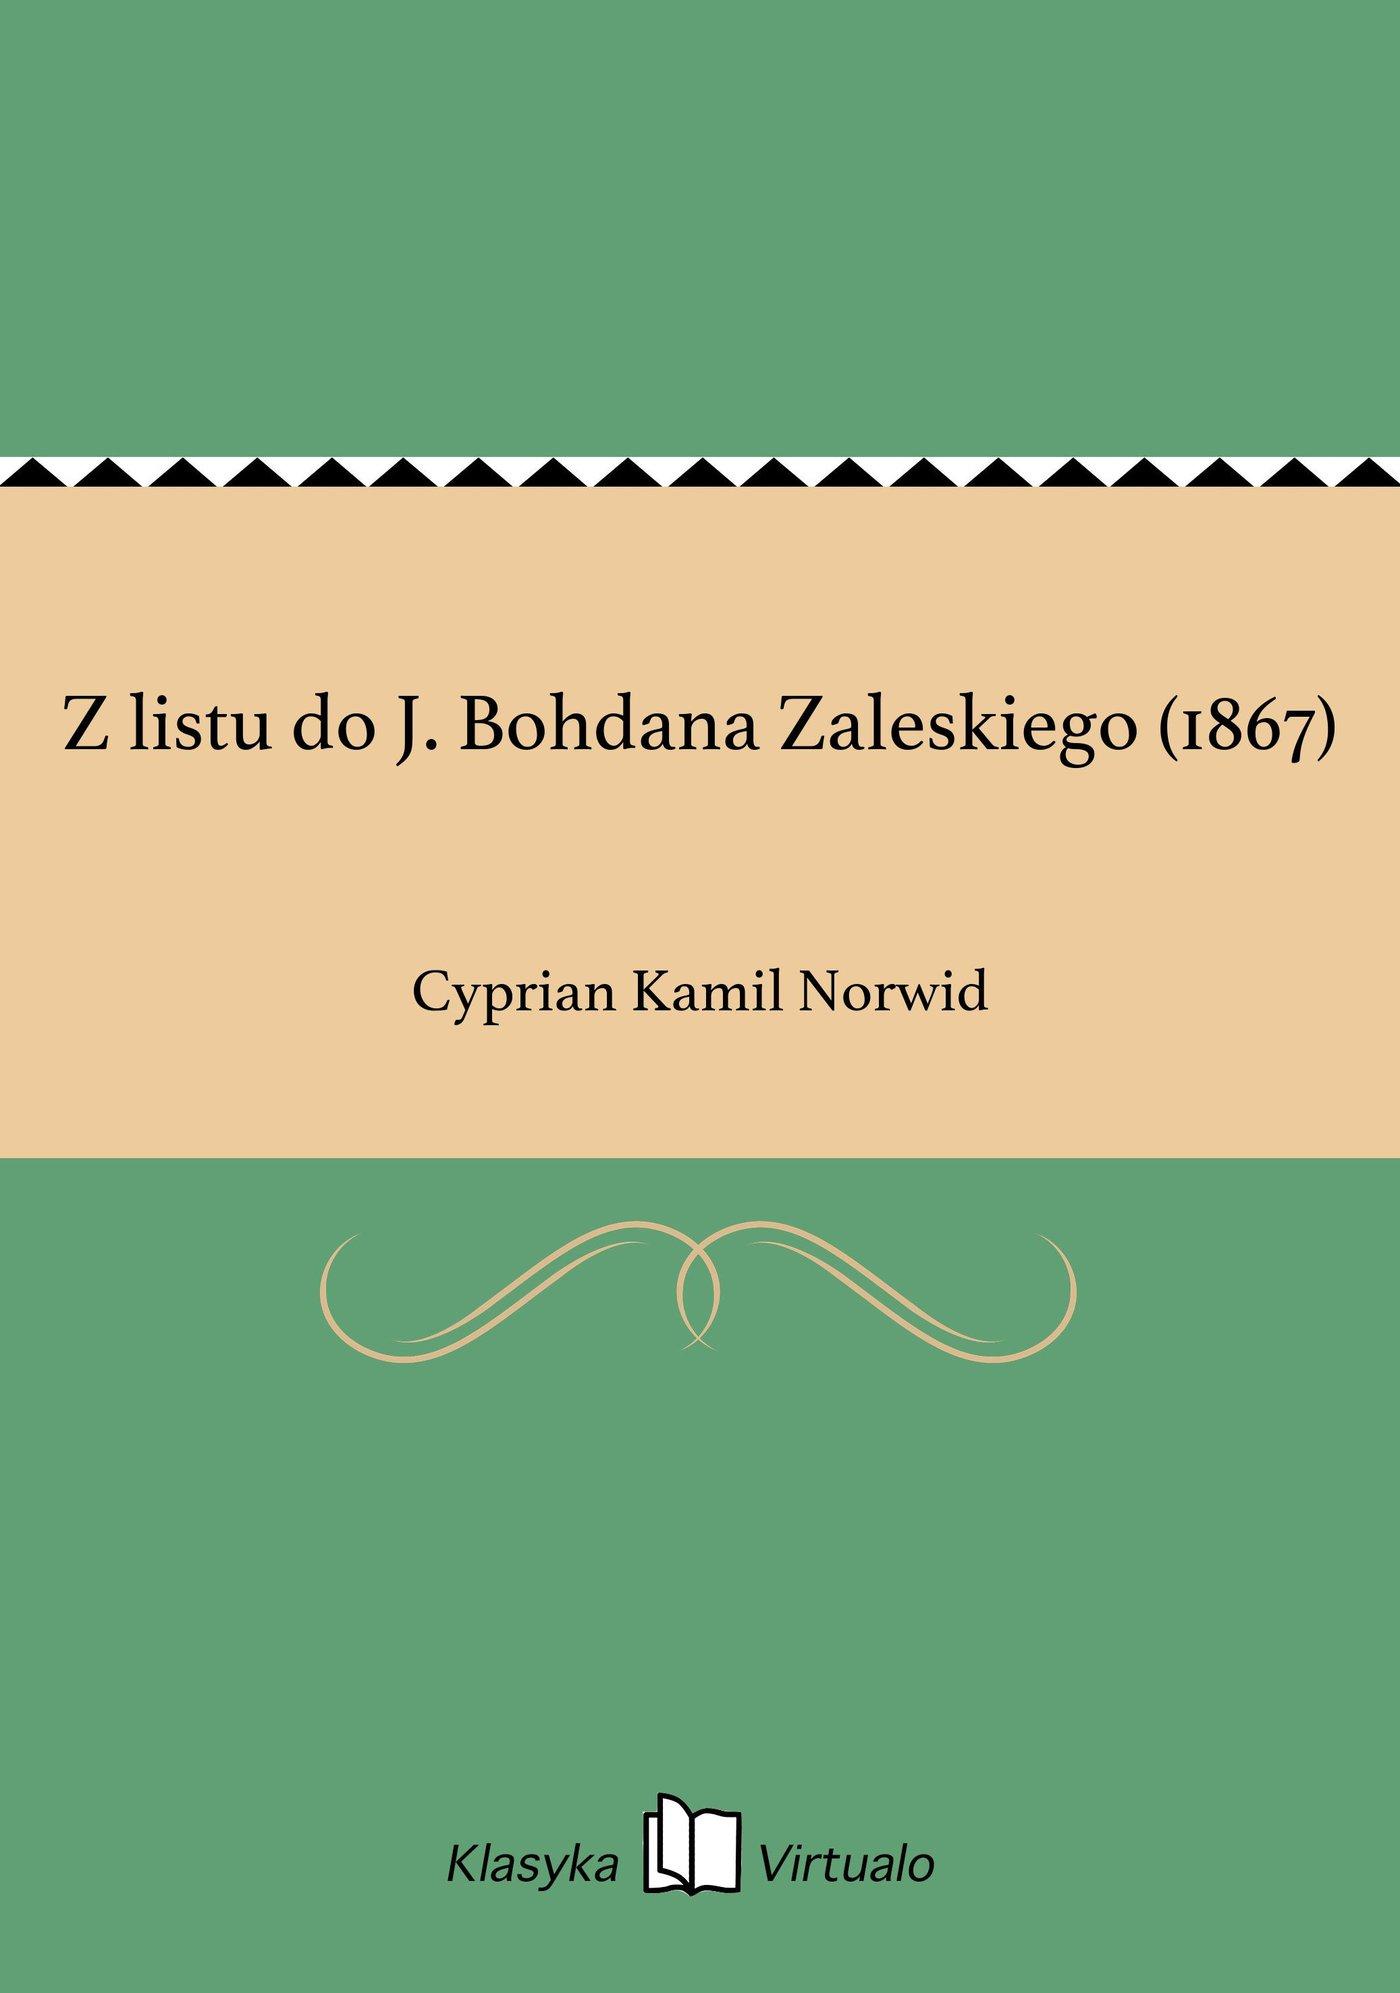 Z listu do J. Bohdana Zaleskiego (1867) - Ebook (Książka EPUB) do pobrania w formacie EPUB